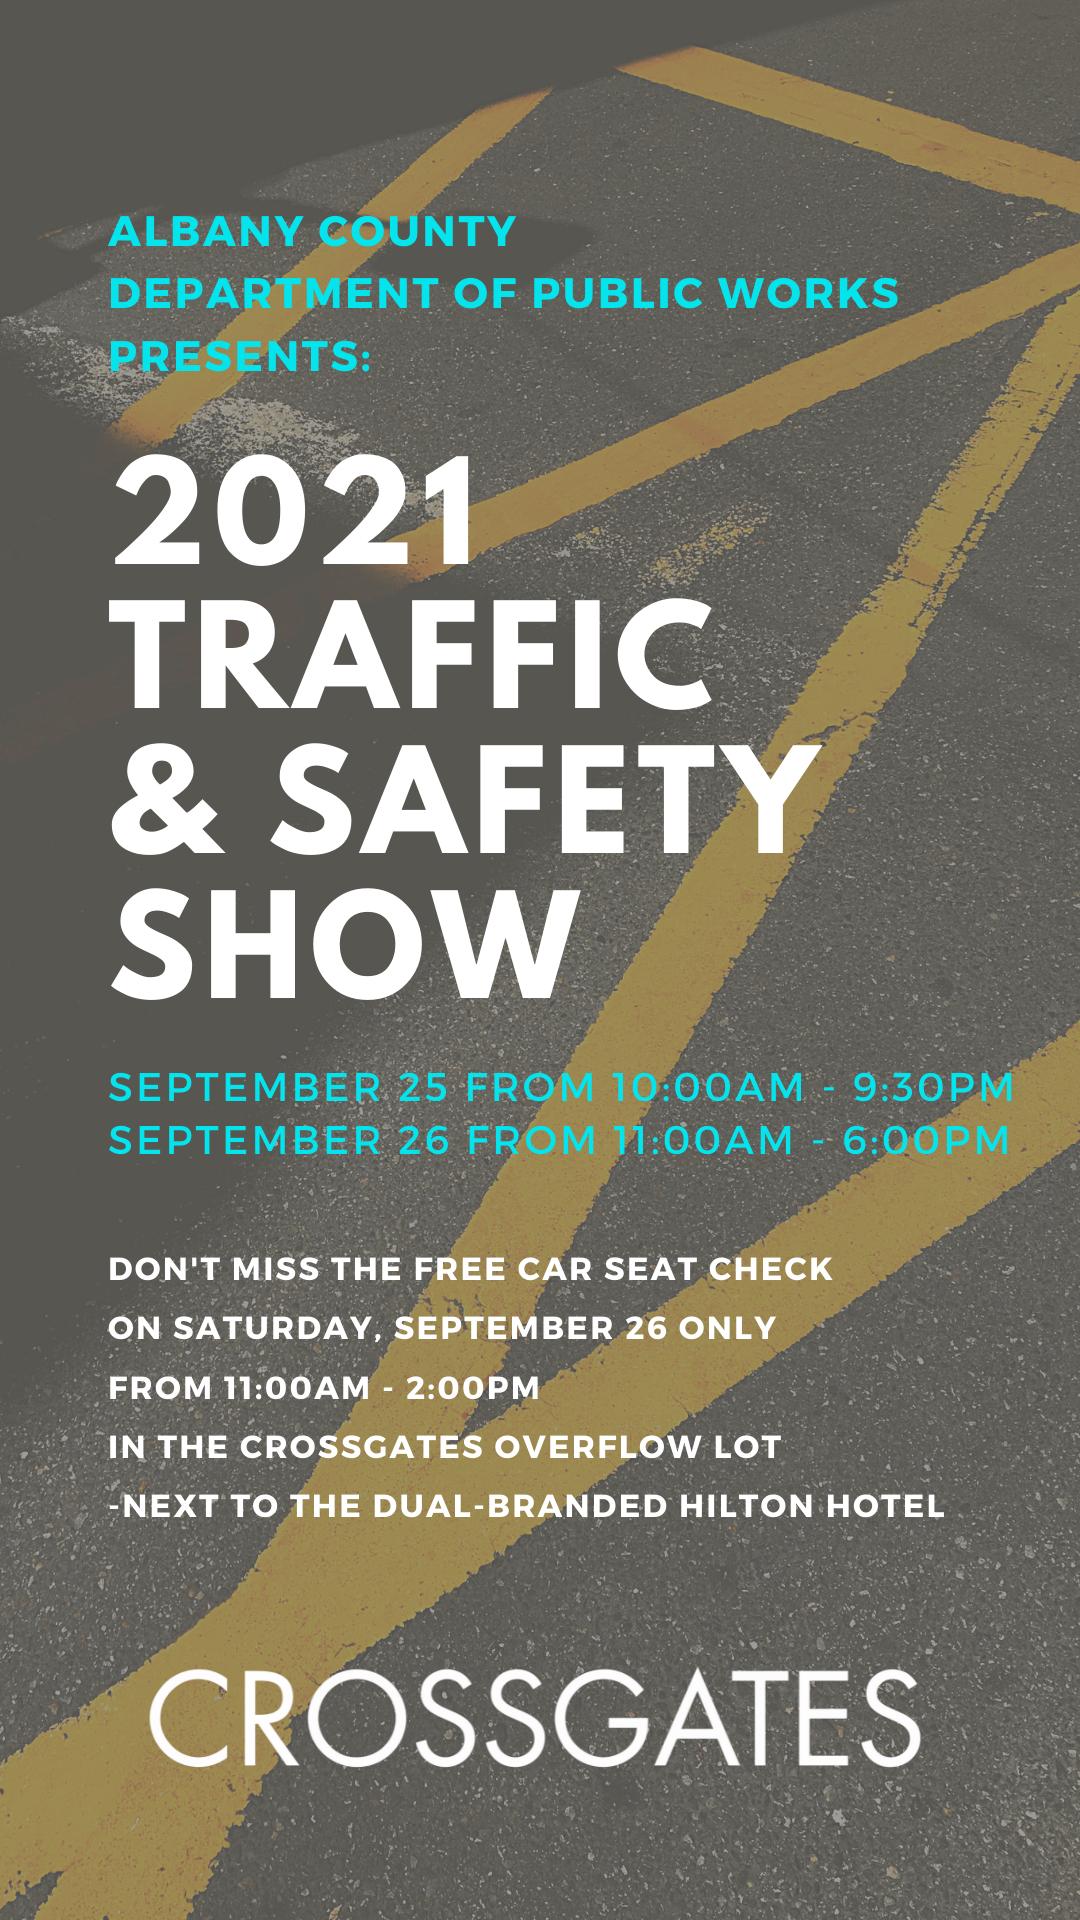 2021 Traffic Safety Show DD